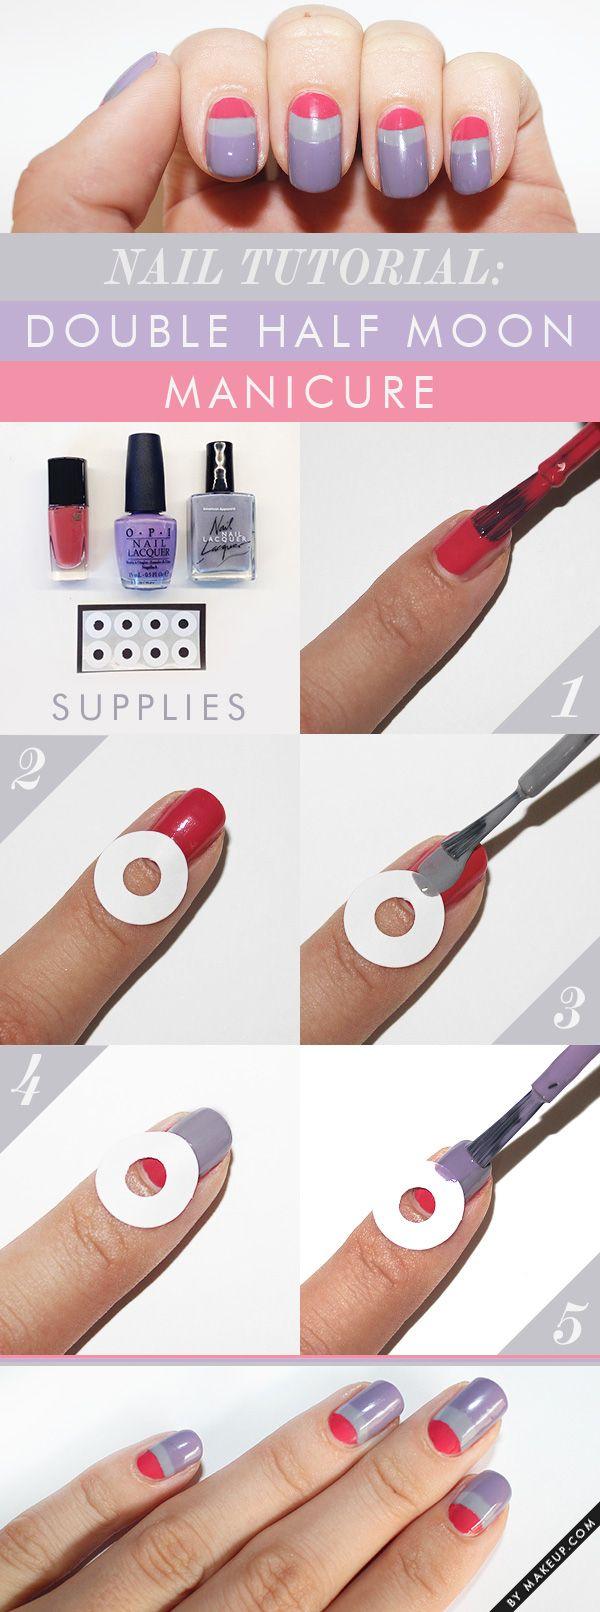 Дизайн ногтей фото. Дизайн ногтей сделайте в домашних условиях 75